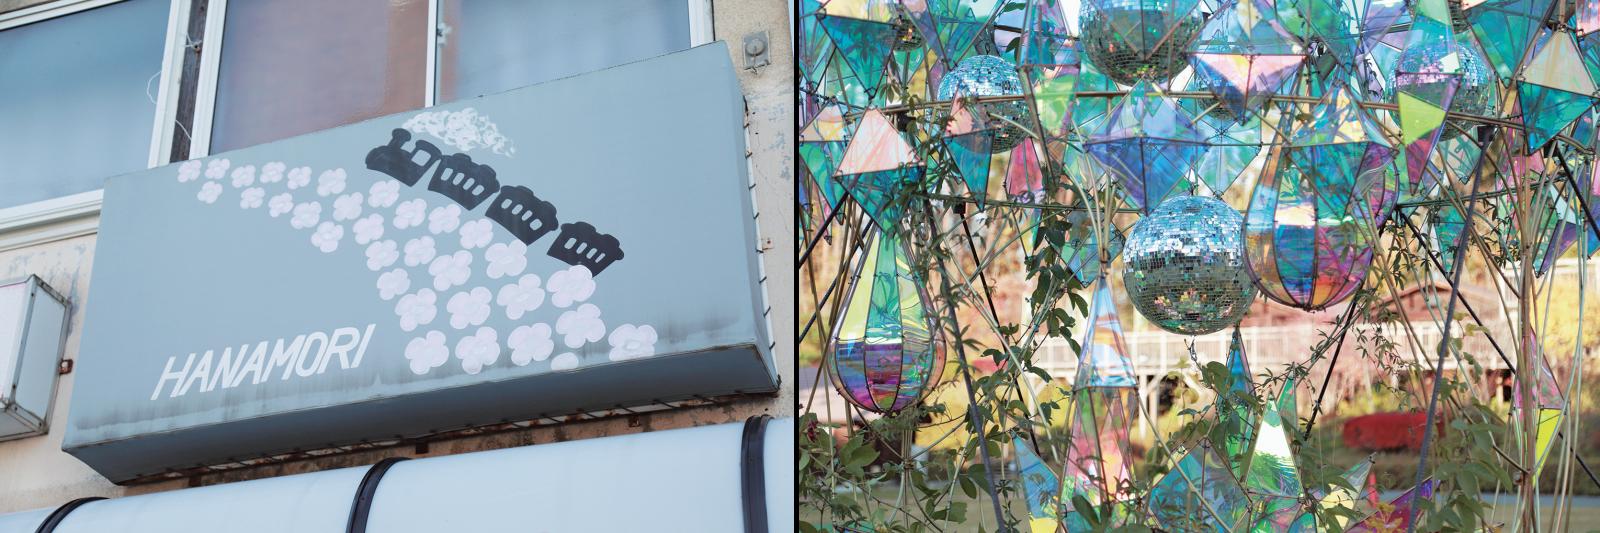 右/『宮沢賢治童話村』のライトアップの紹介では、光のオブジェやミラーボールの製作者に取材し、読み応えのある記事に。 左/高校生が記事を書いた『花盛生花店』。スタンプラリーでは、ドライフラワーの花束をプレゼントしてくれた。